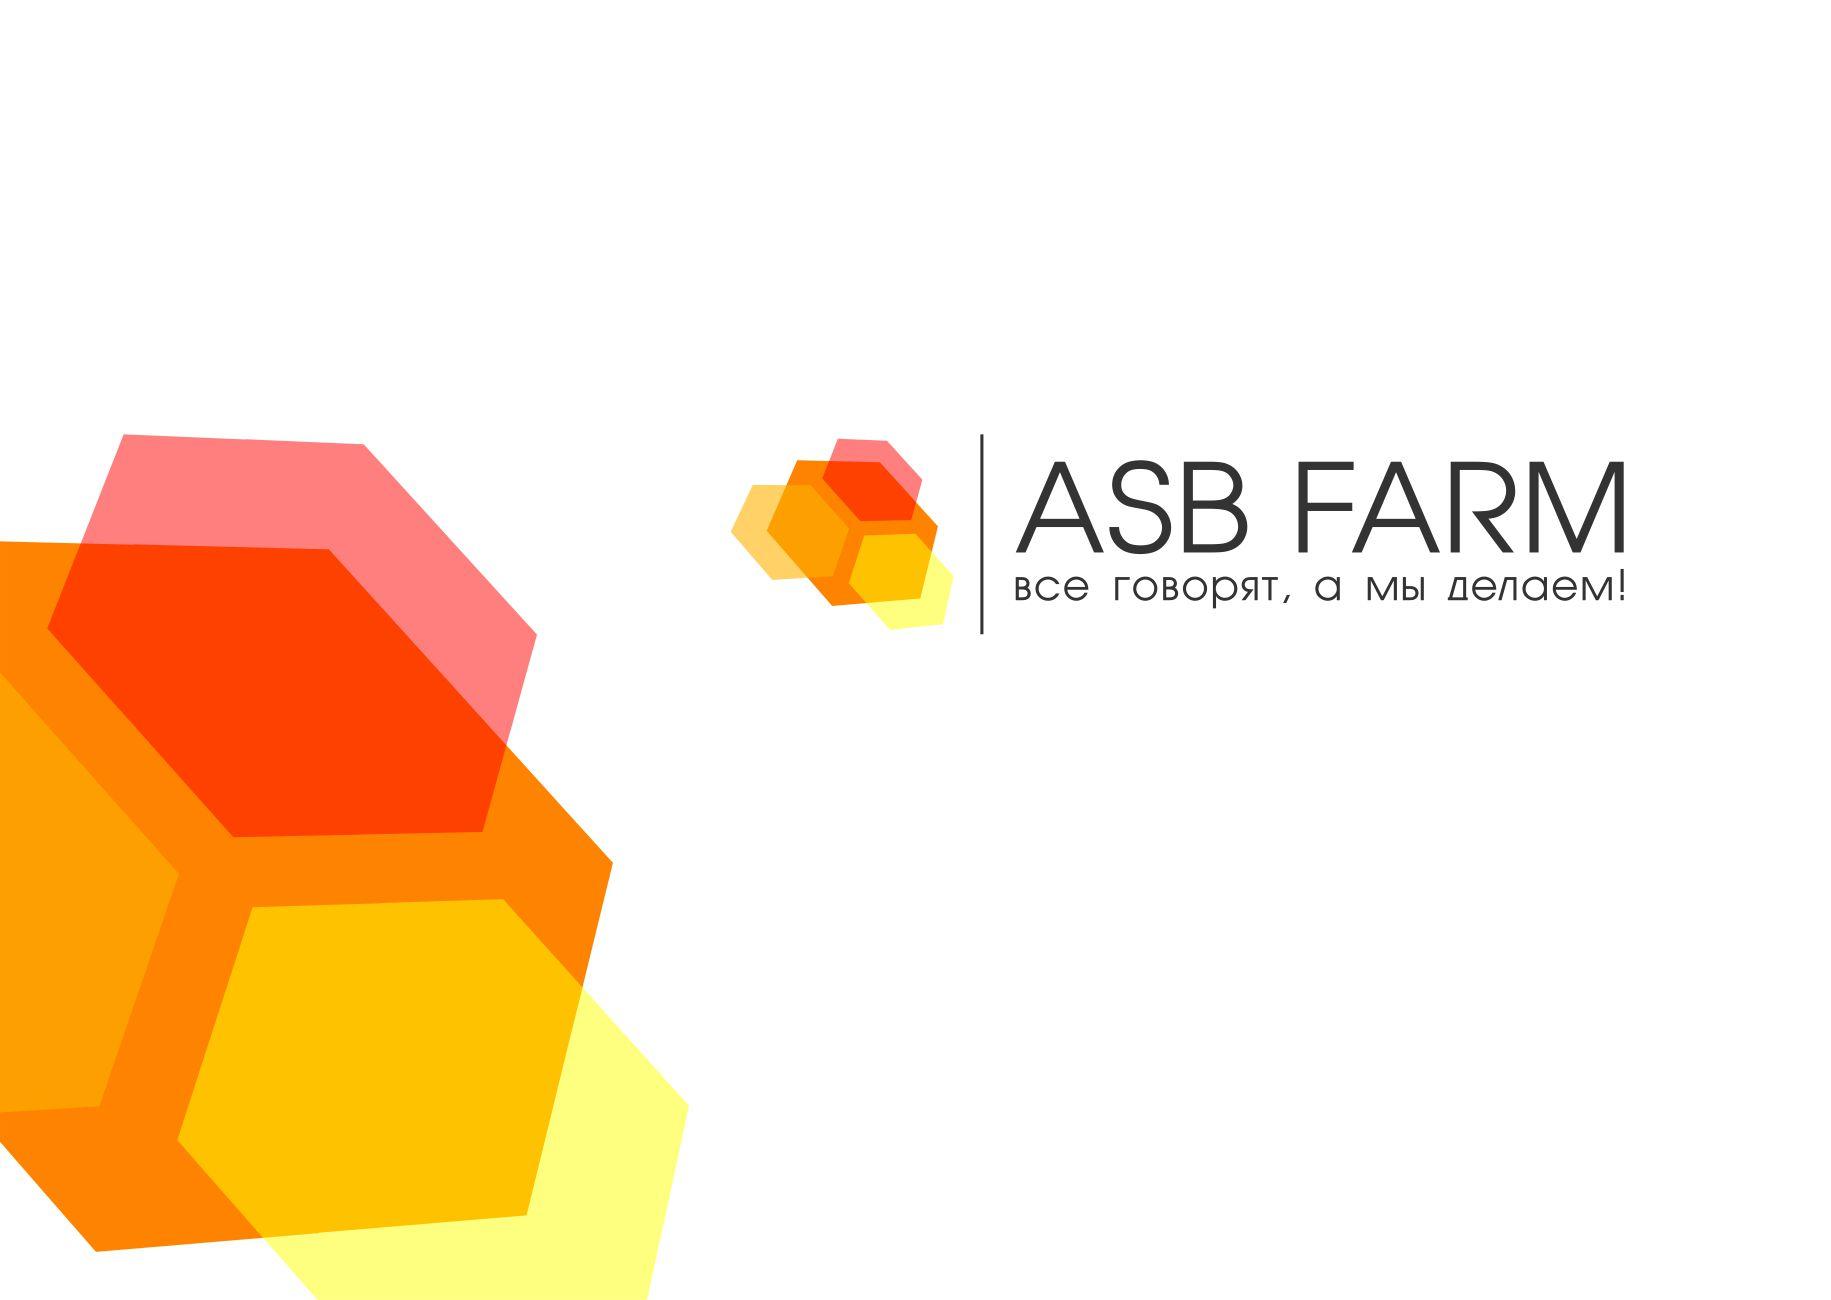 Разработка 3-4 видов логотипа фото f_2445a59f7d85b09f.jpg